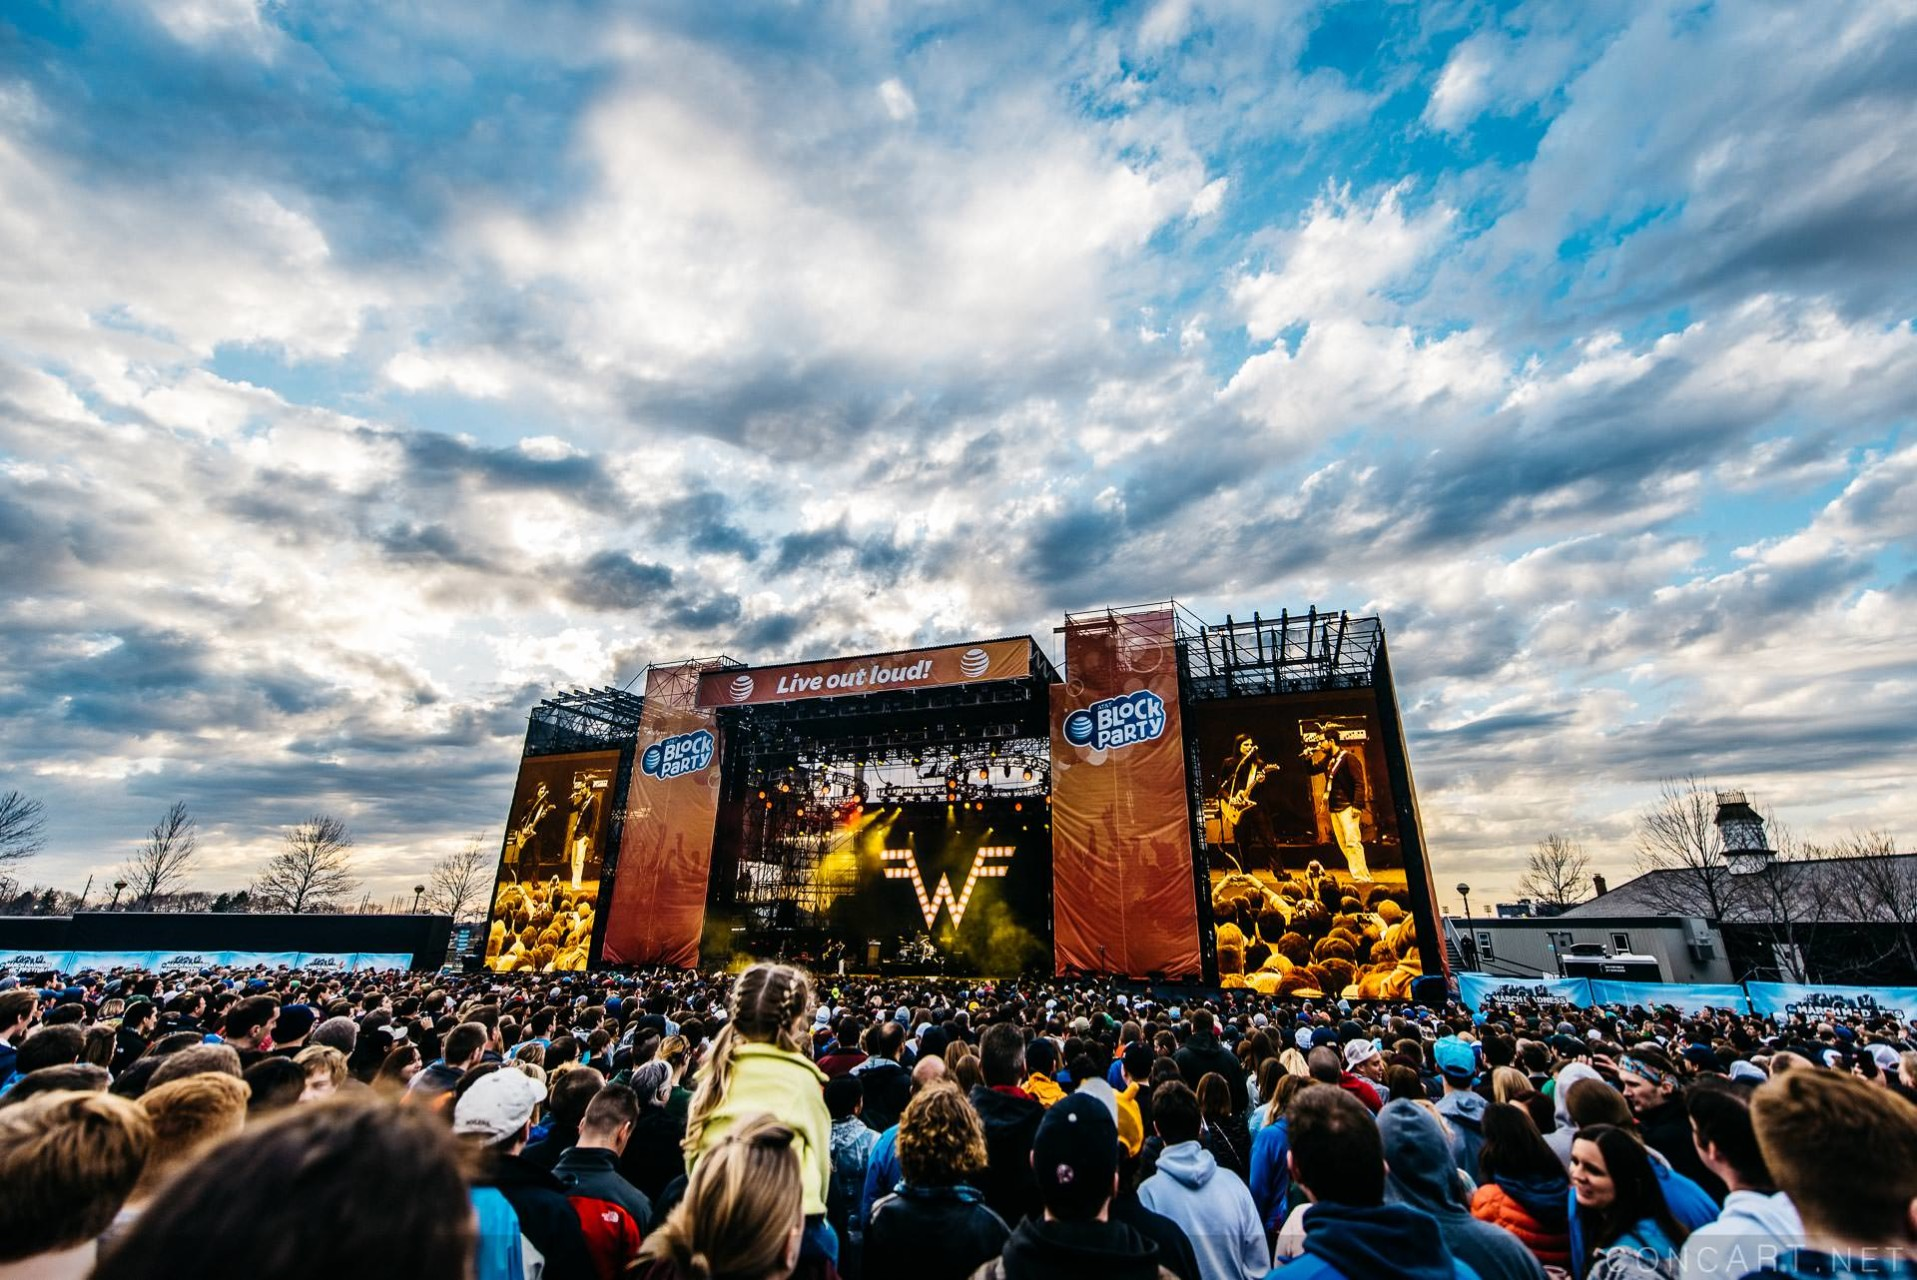 Weezer photo by Sean Molin